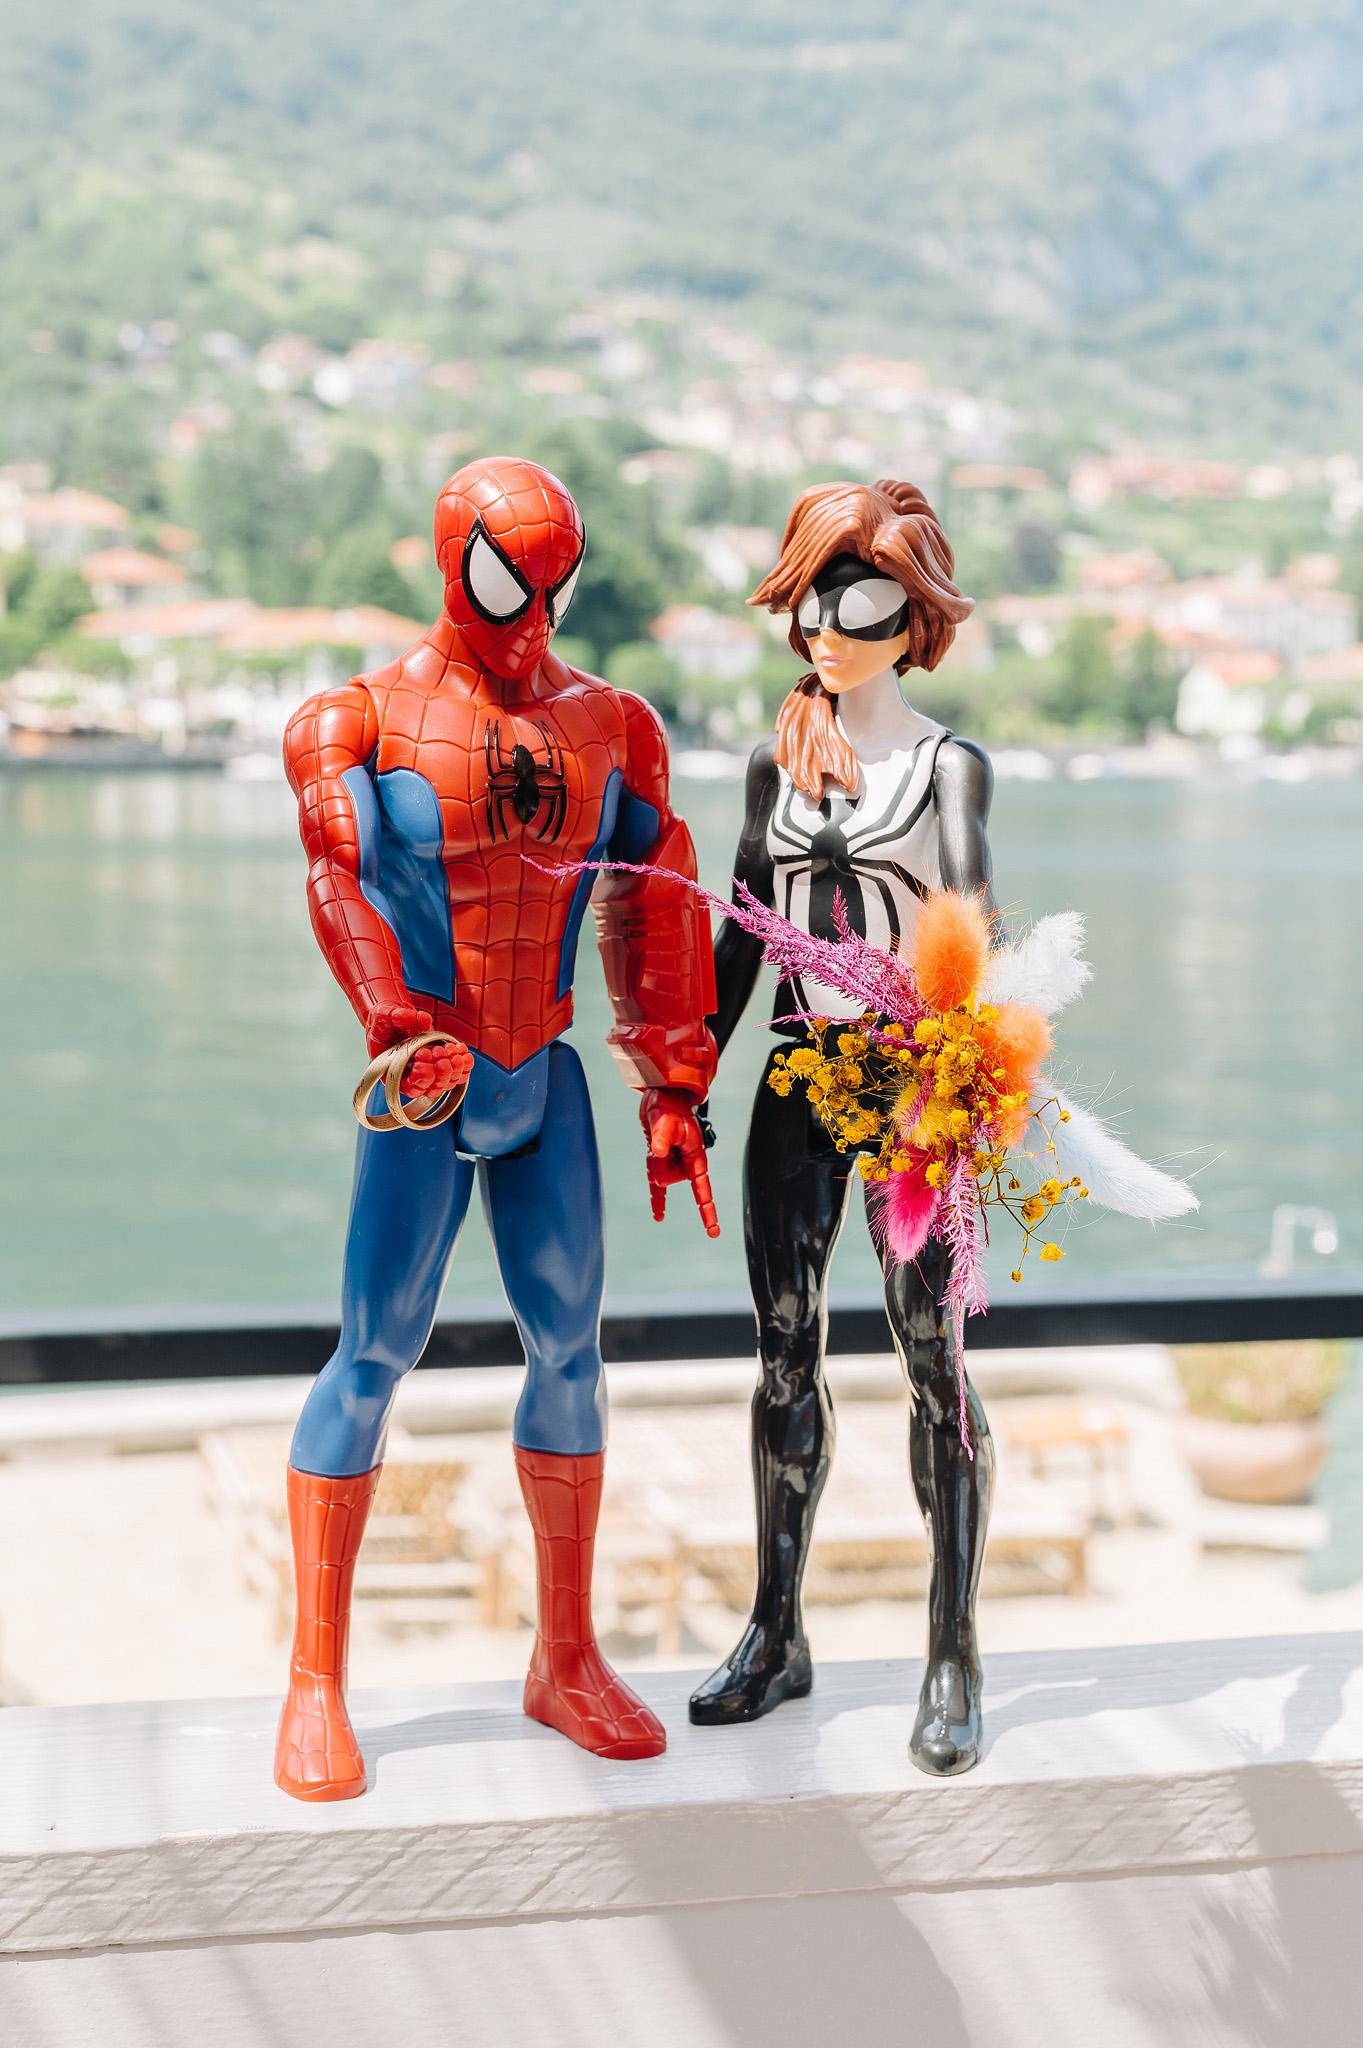 Unomo ragno e donnaragno che si sposano